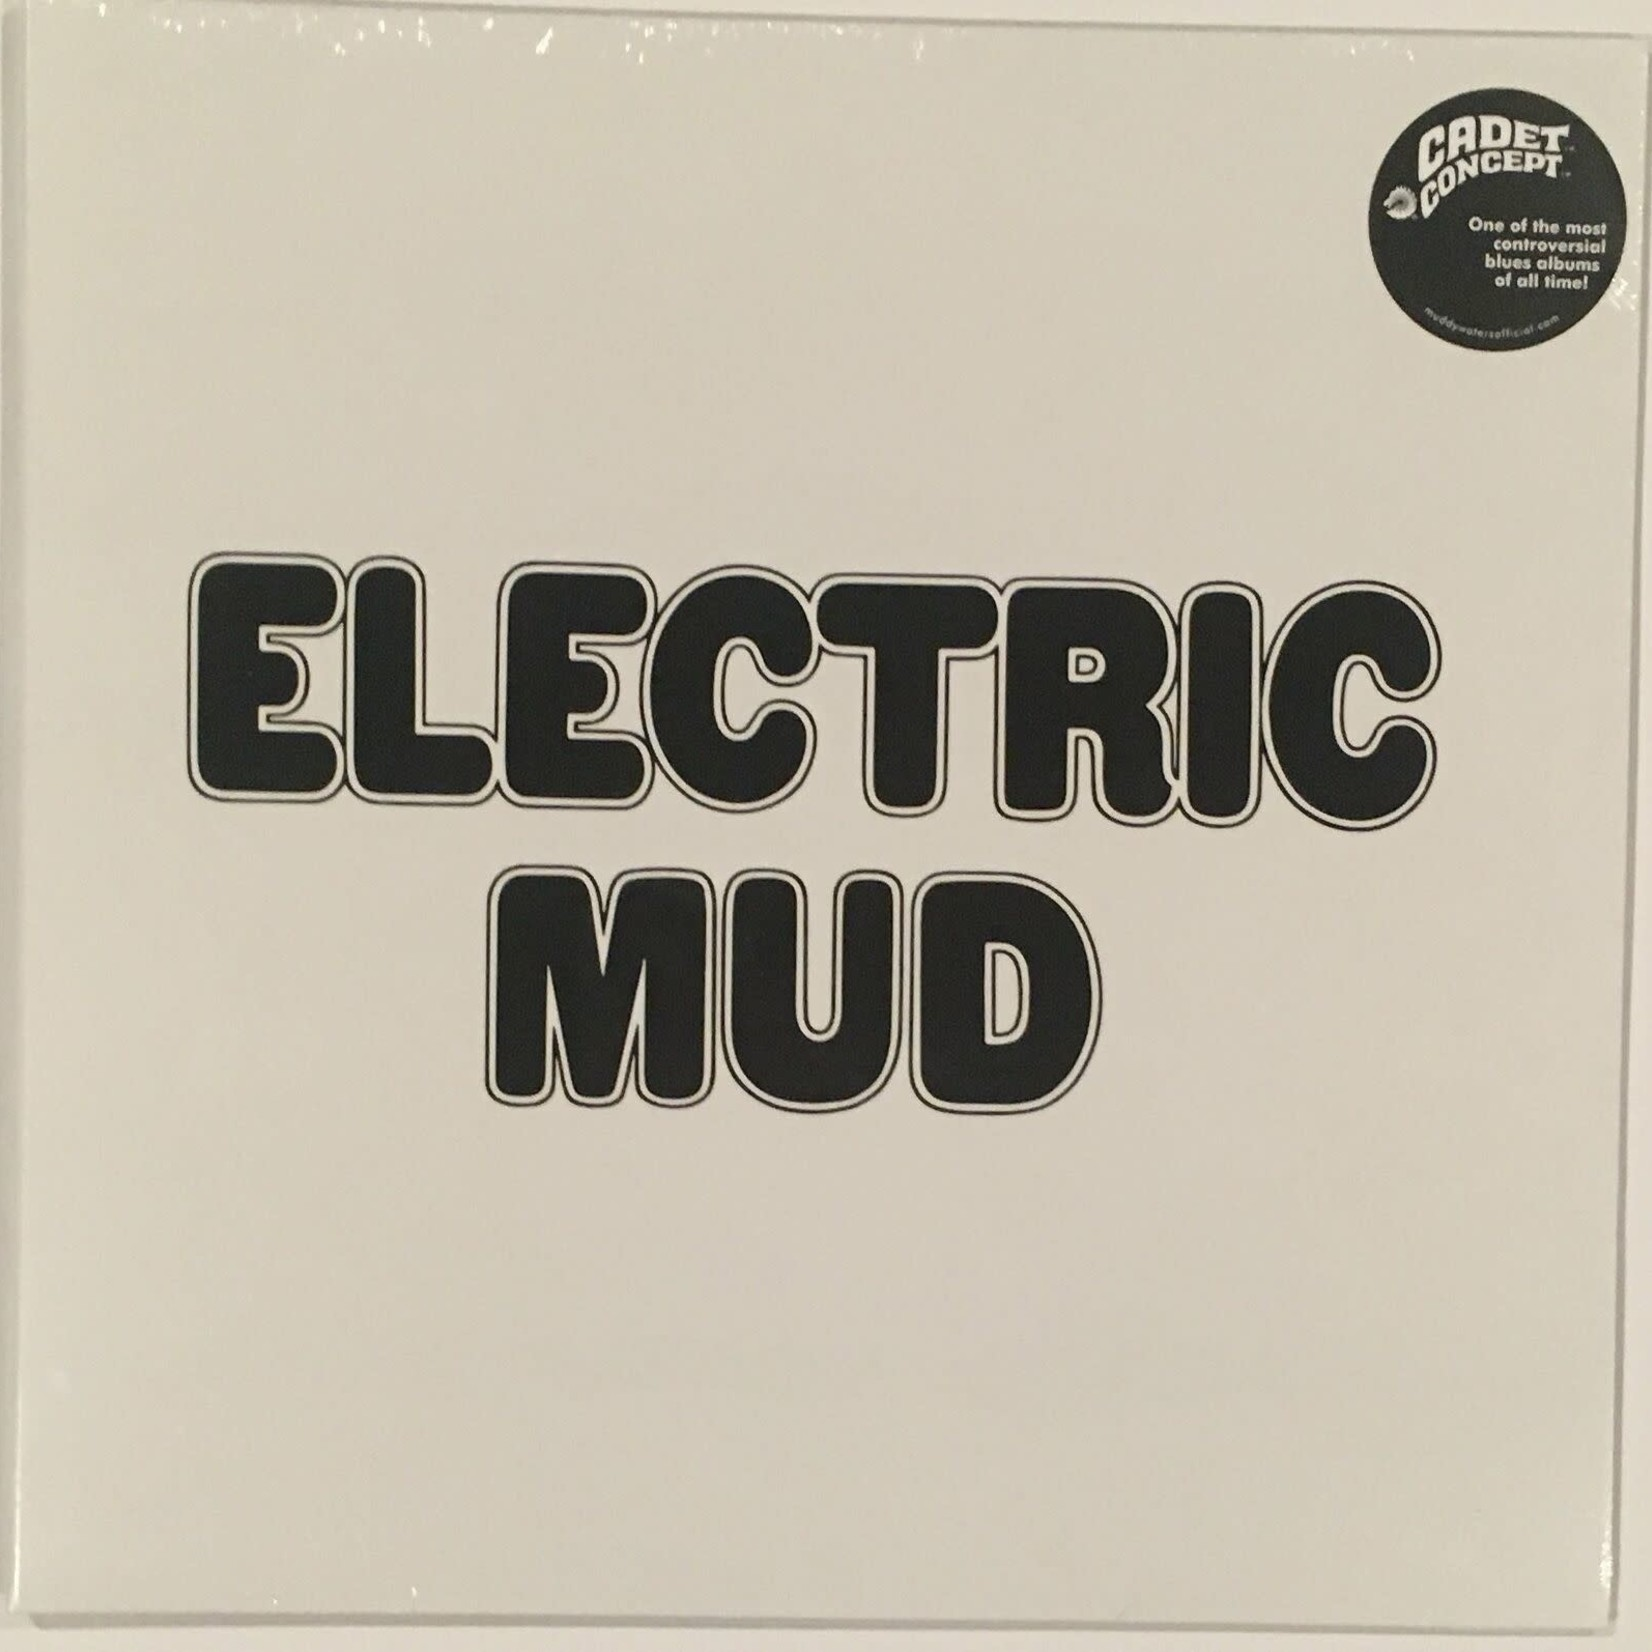 Muddy Waters Muddy Waters - Electric Mud